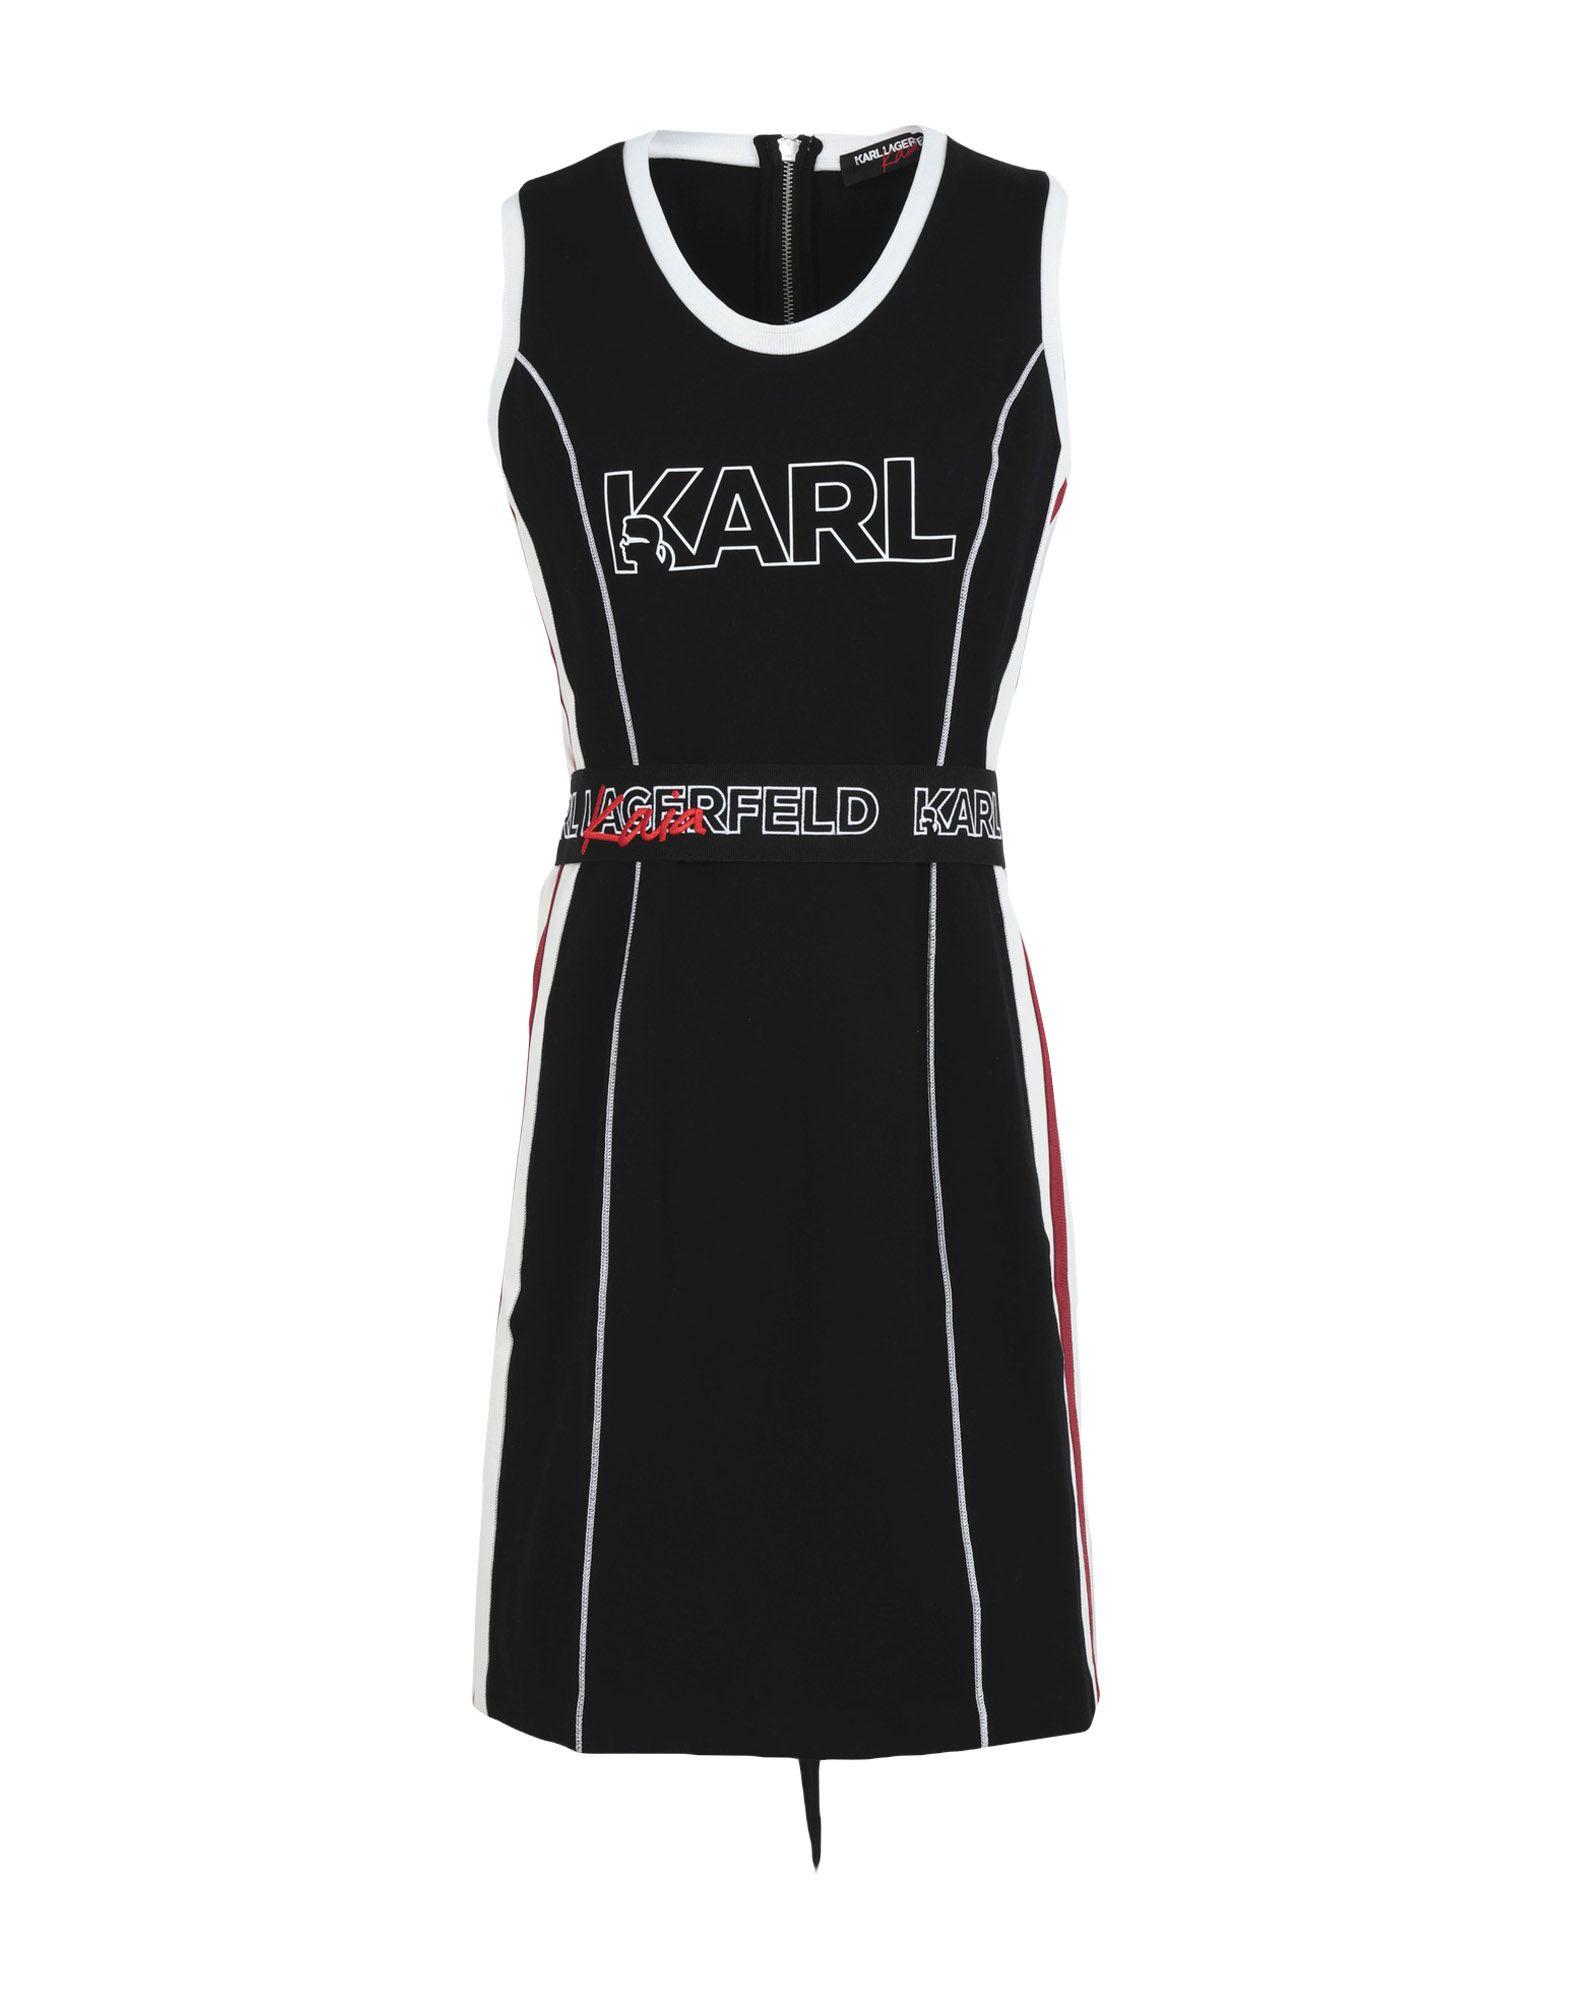 KARL LAGERFELD x KAIA Короткое платье karl lagerfeld x kaia толстовка